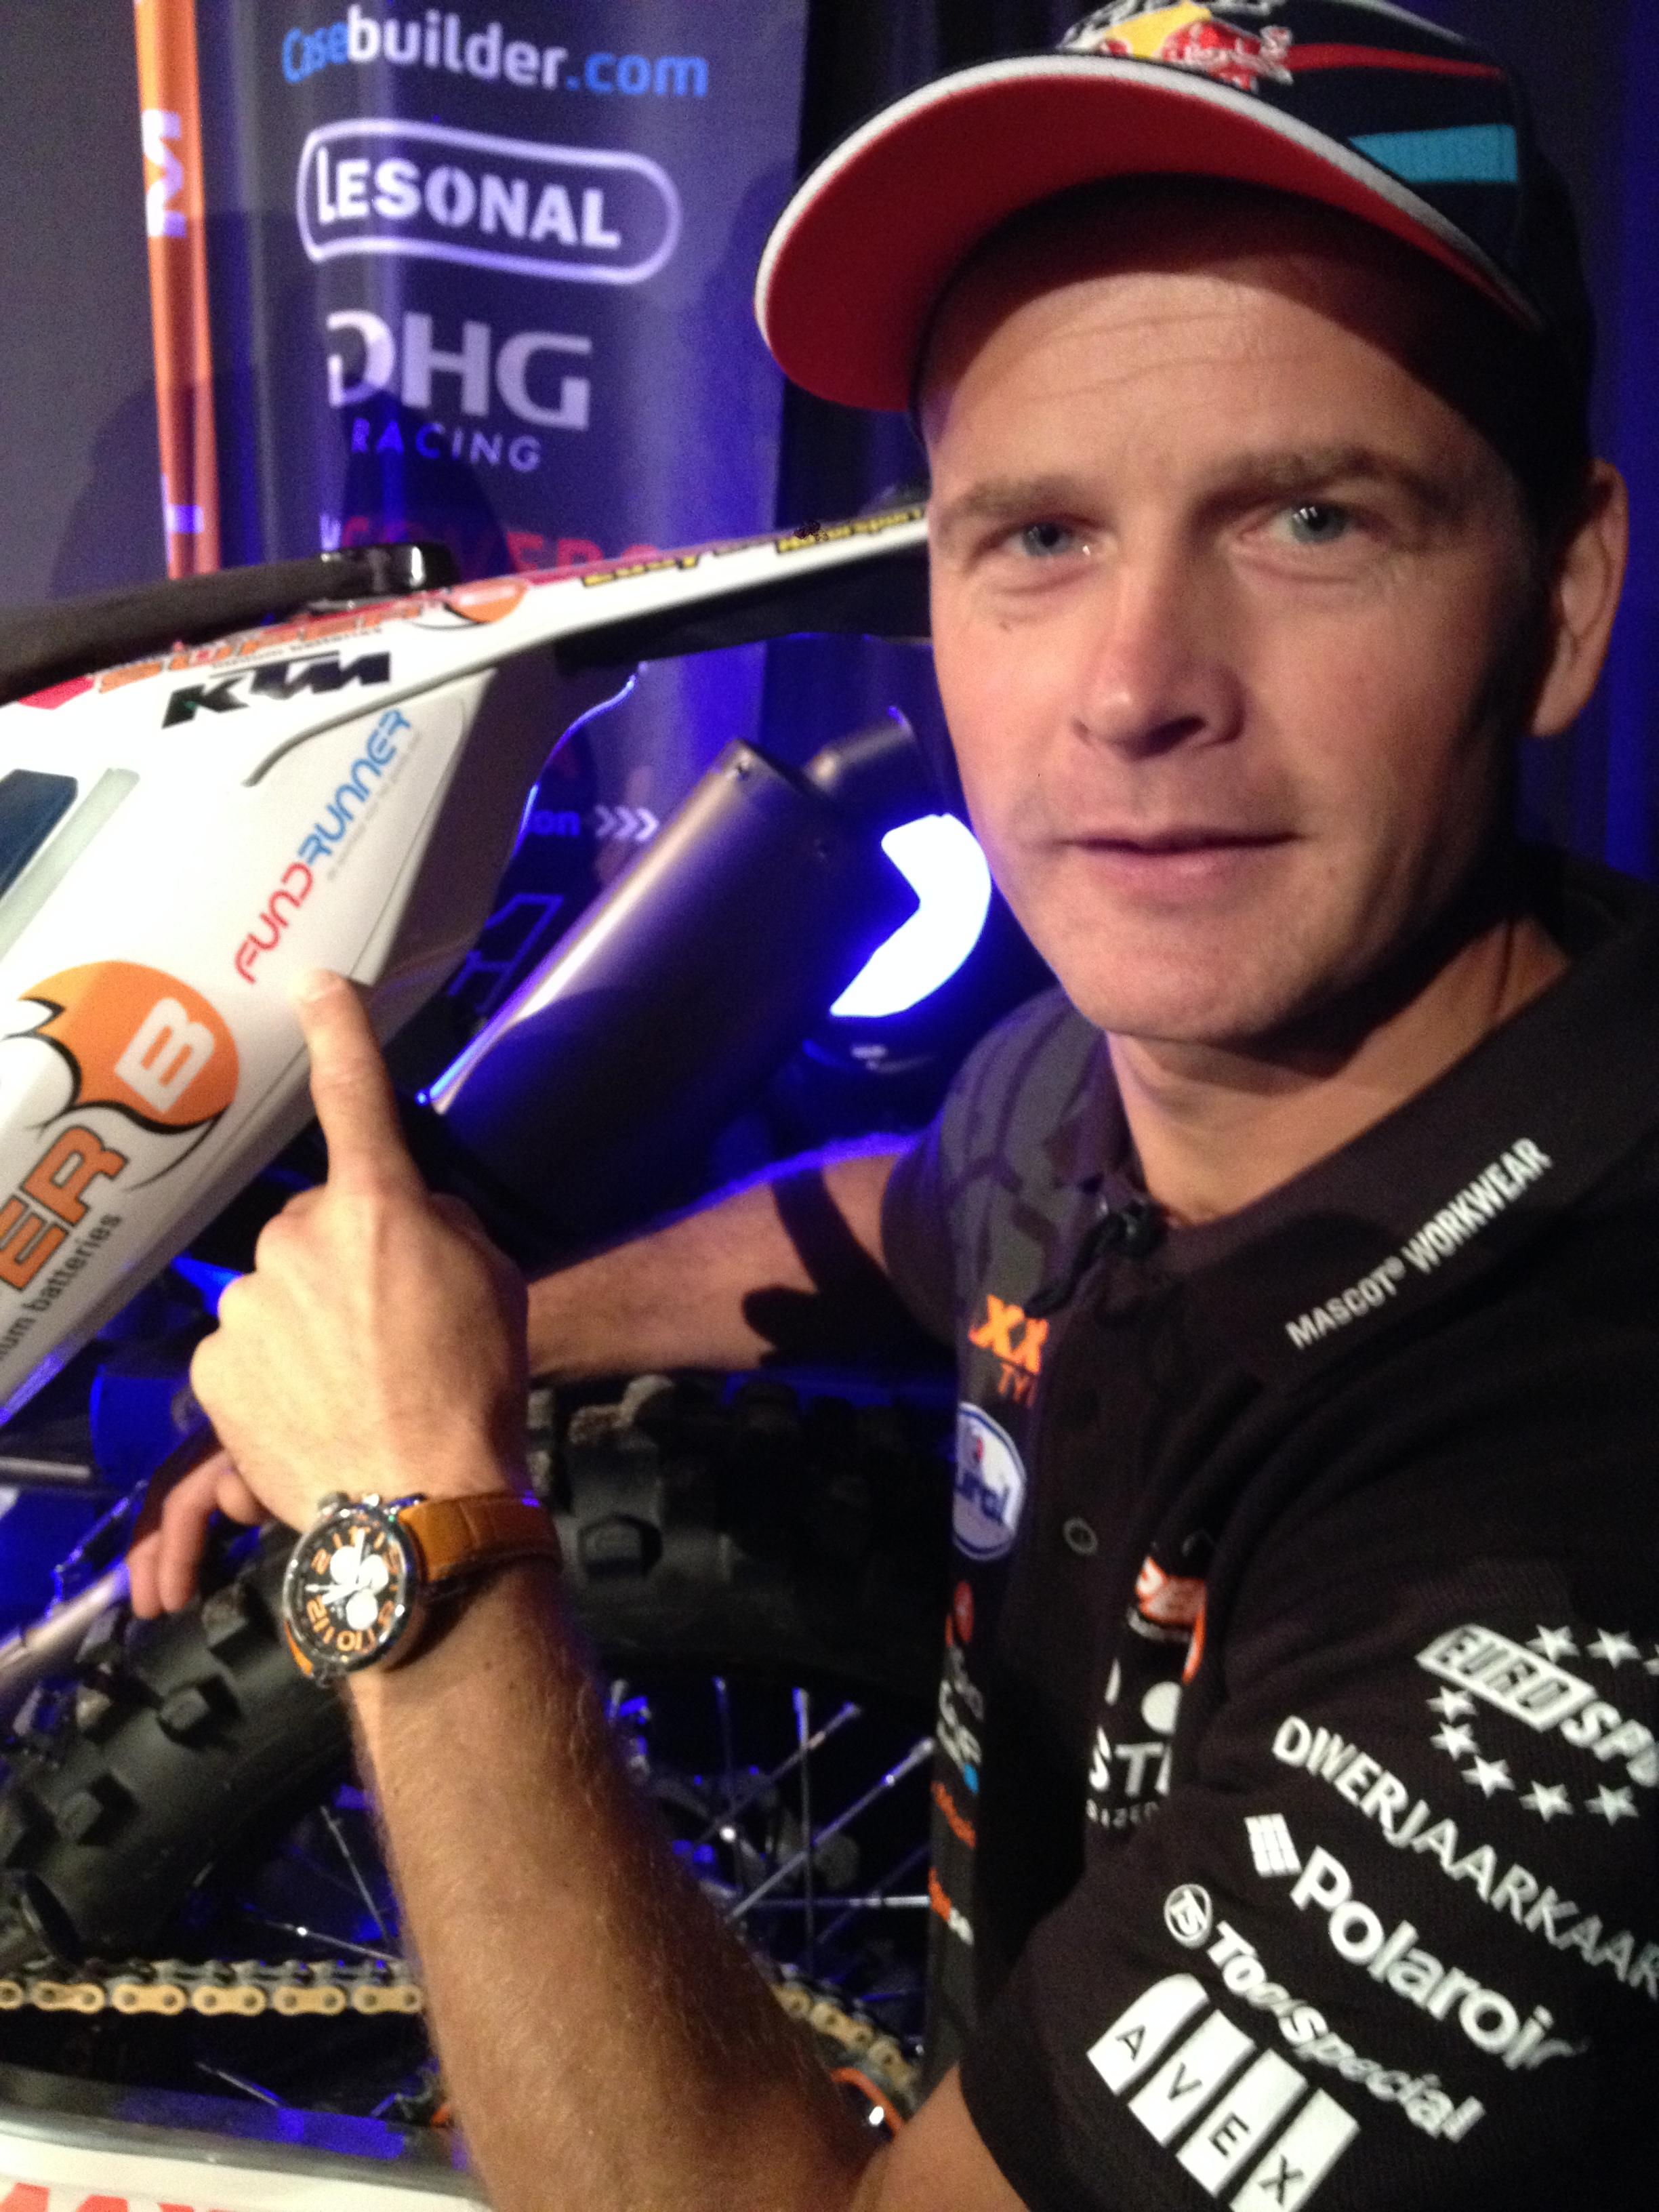 Topsport for Life - Jurgen van den Goorbergh - 20141030.01